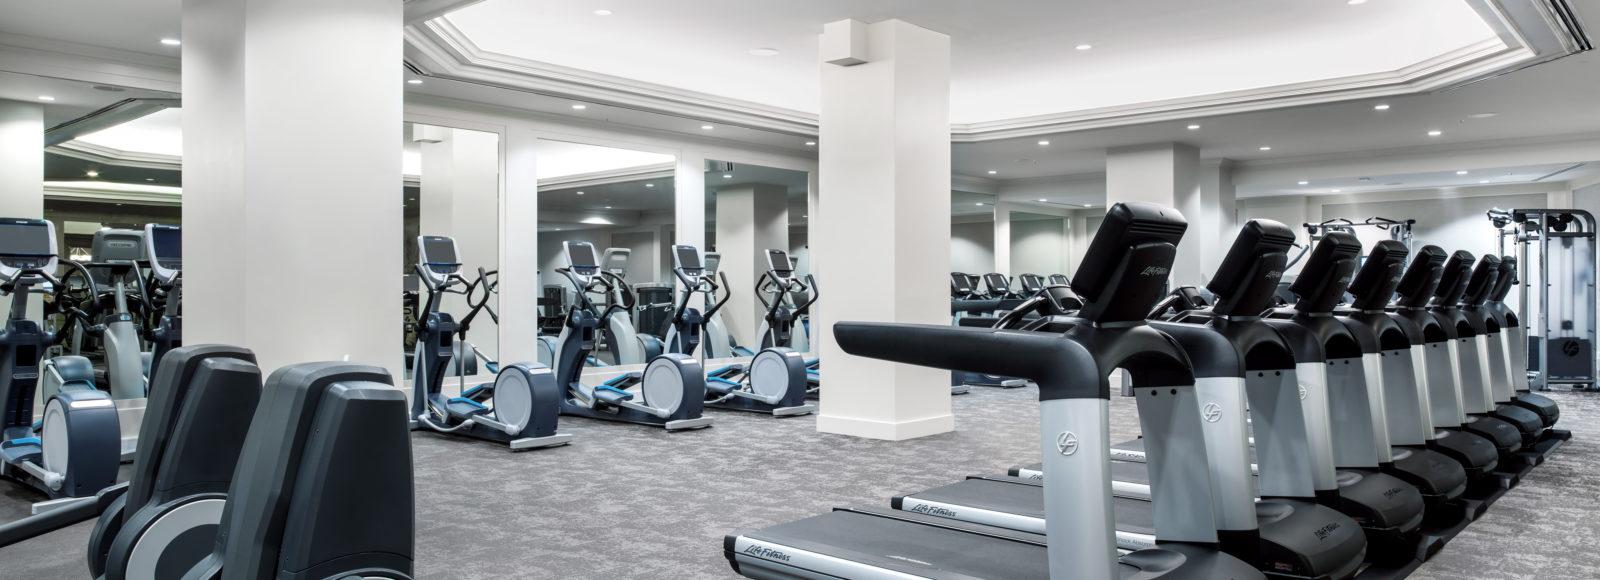 westin-workout-cardio-1-1600x580.jpg